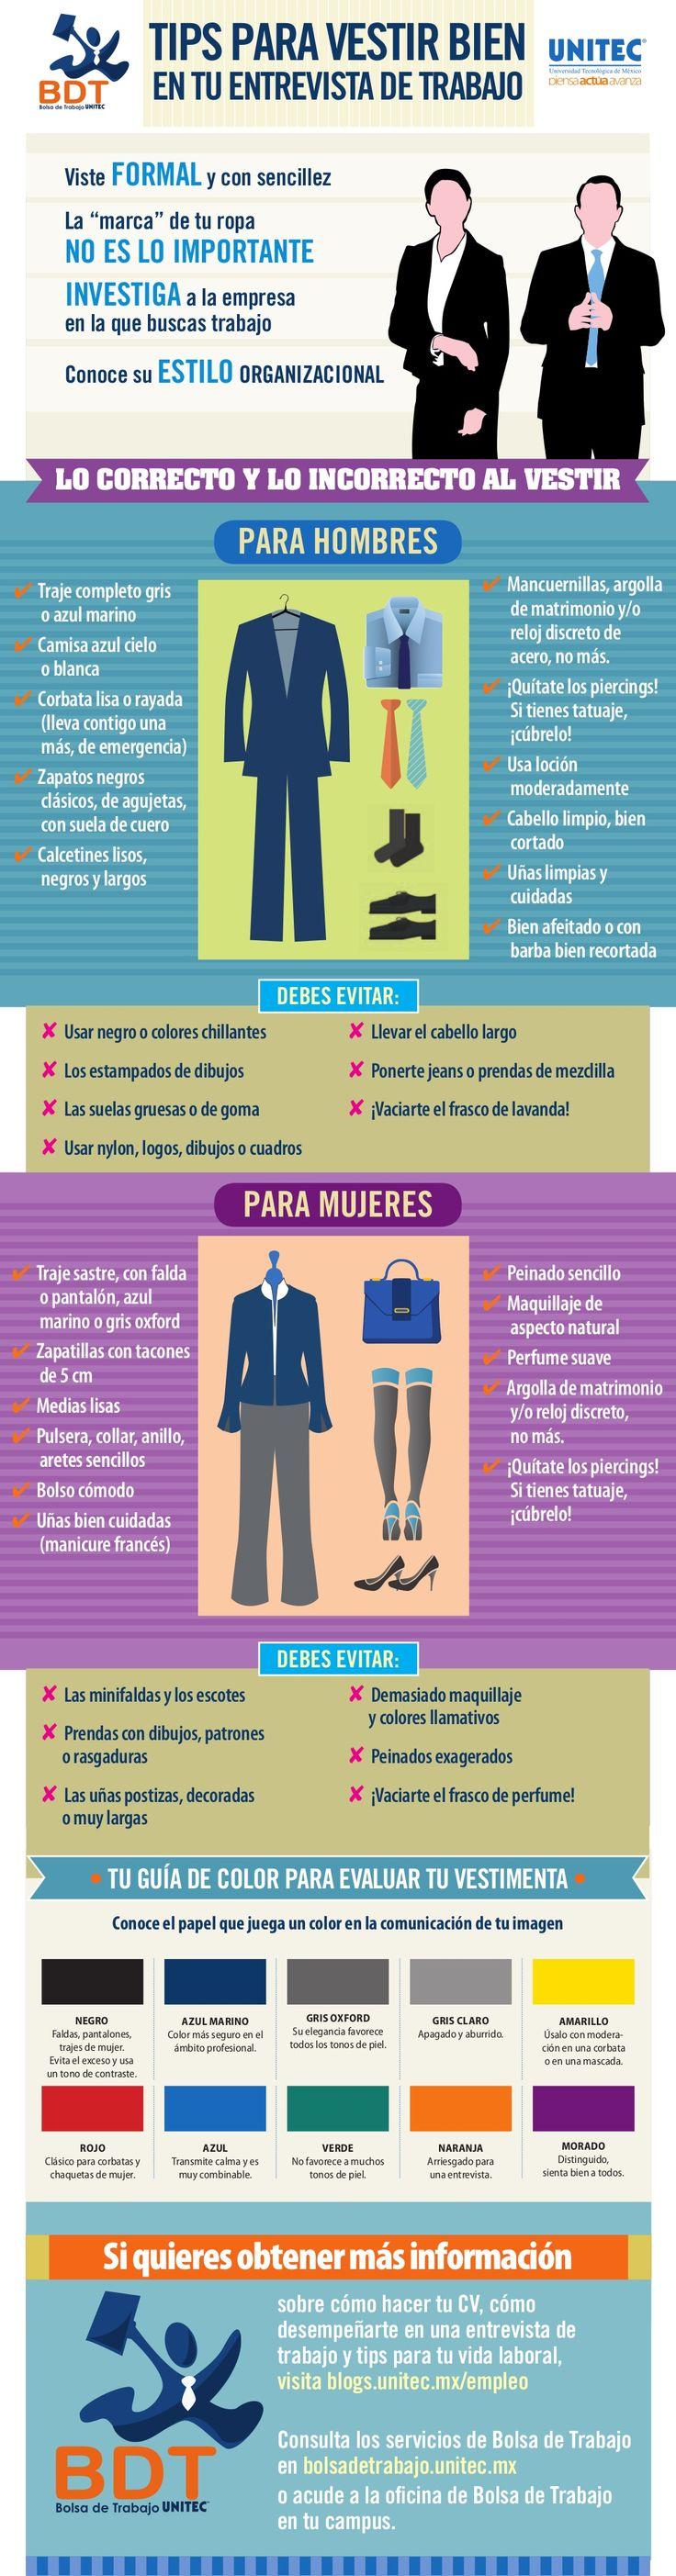 Elegir cómo vestir en una entrevista de trabajo puede ser clave para poder superar con éxito el proceso de selección. Sigue los consejos de esta infografía para acertar con tu forma de vestir y superar con éxito la entrevista.